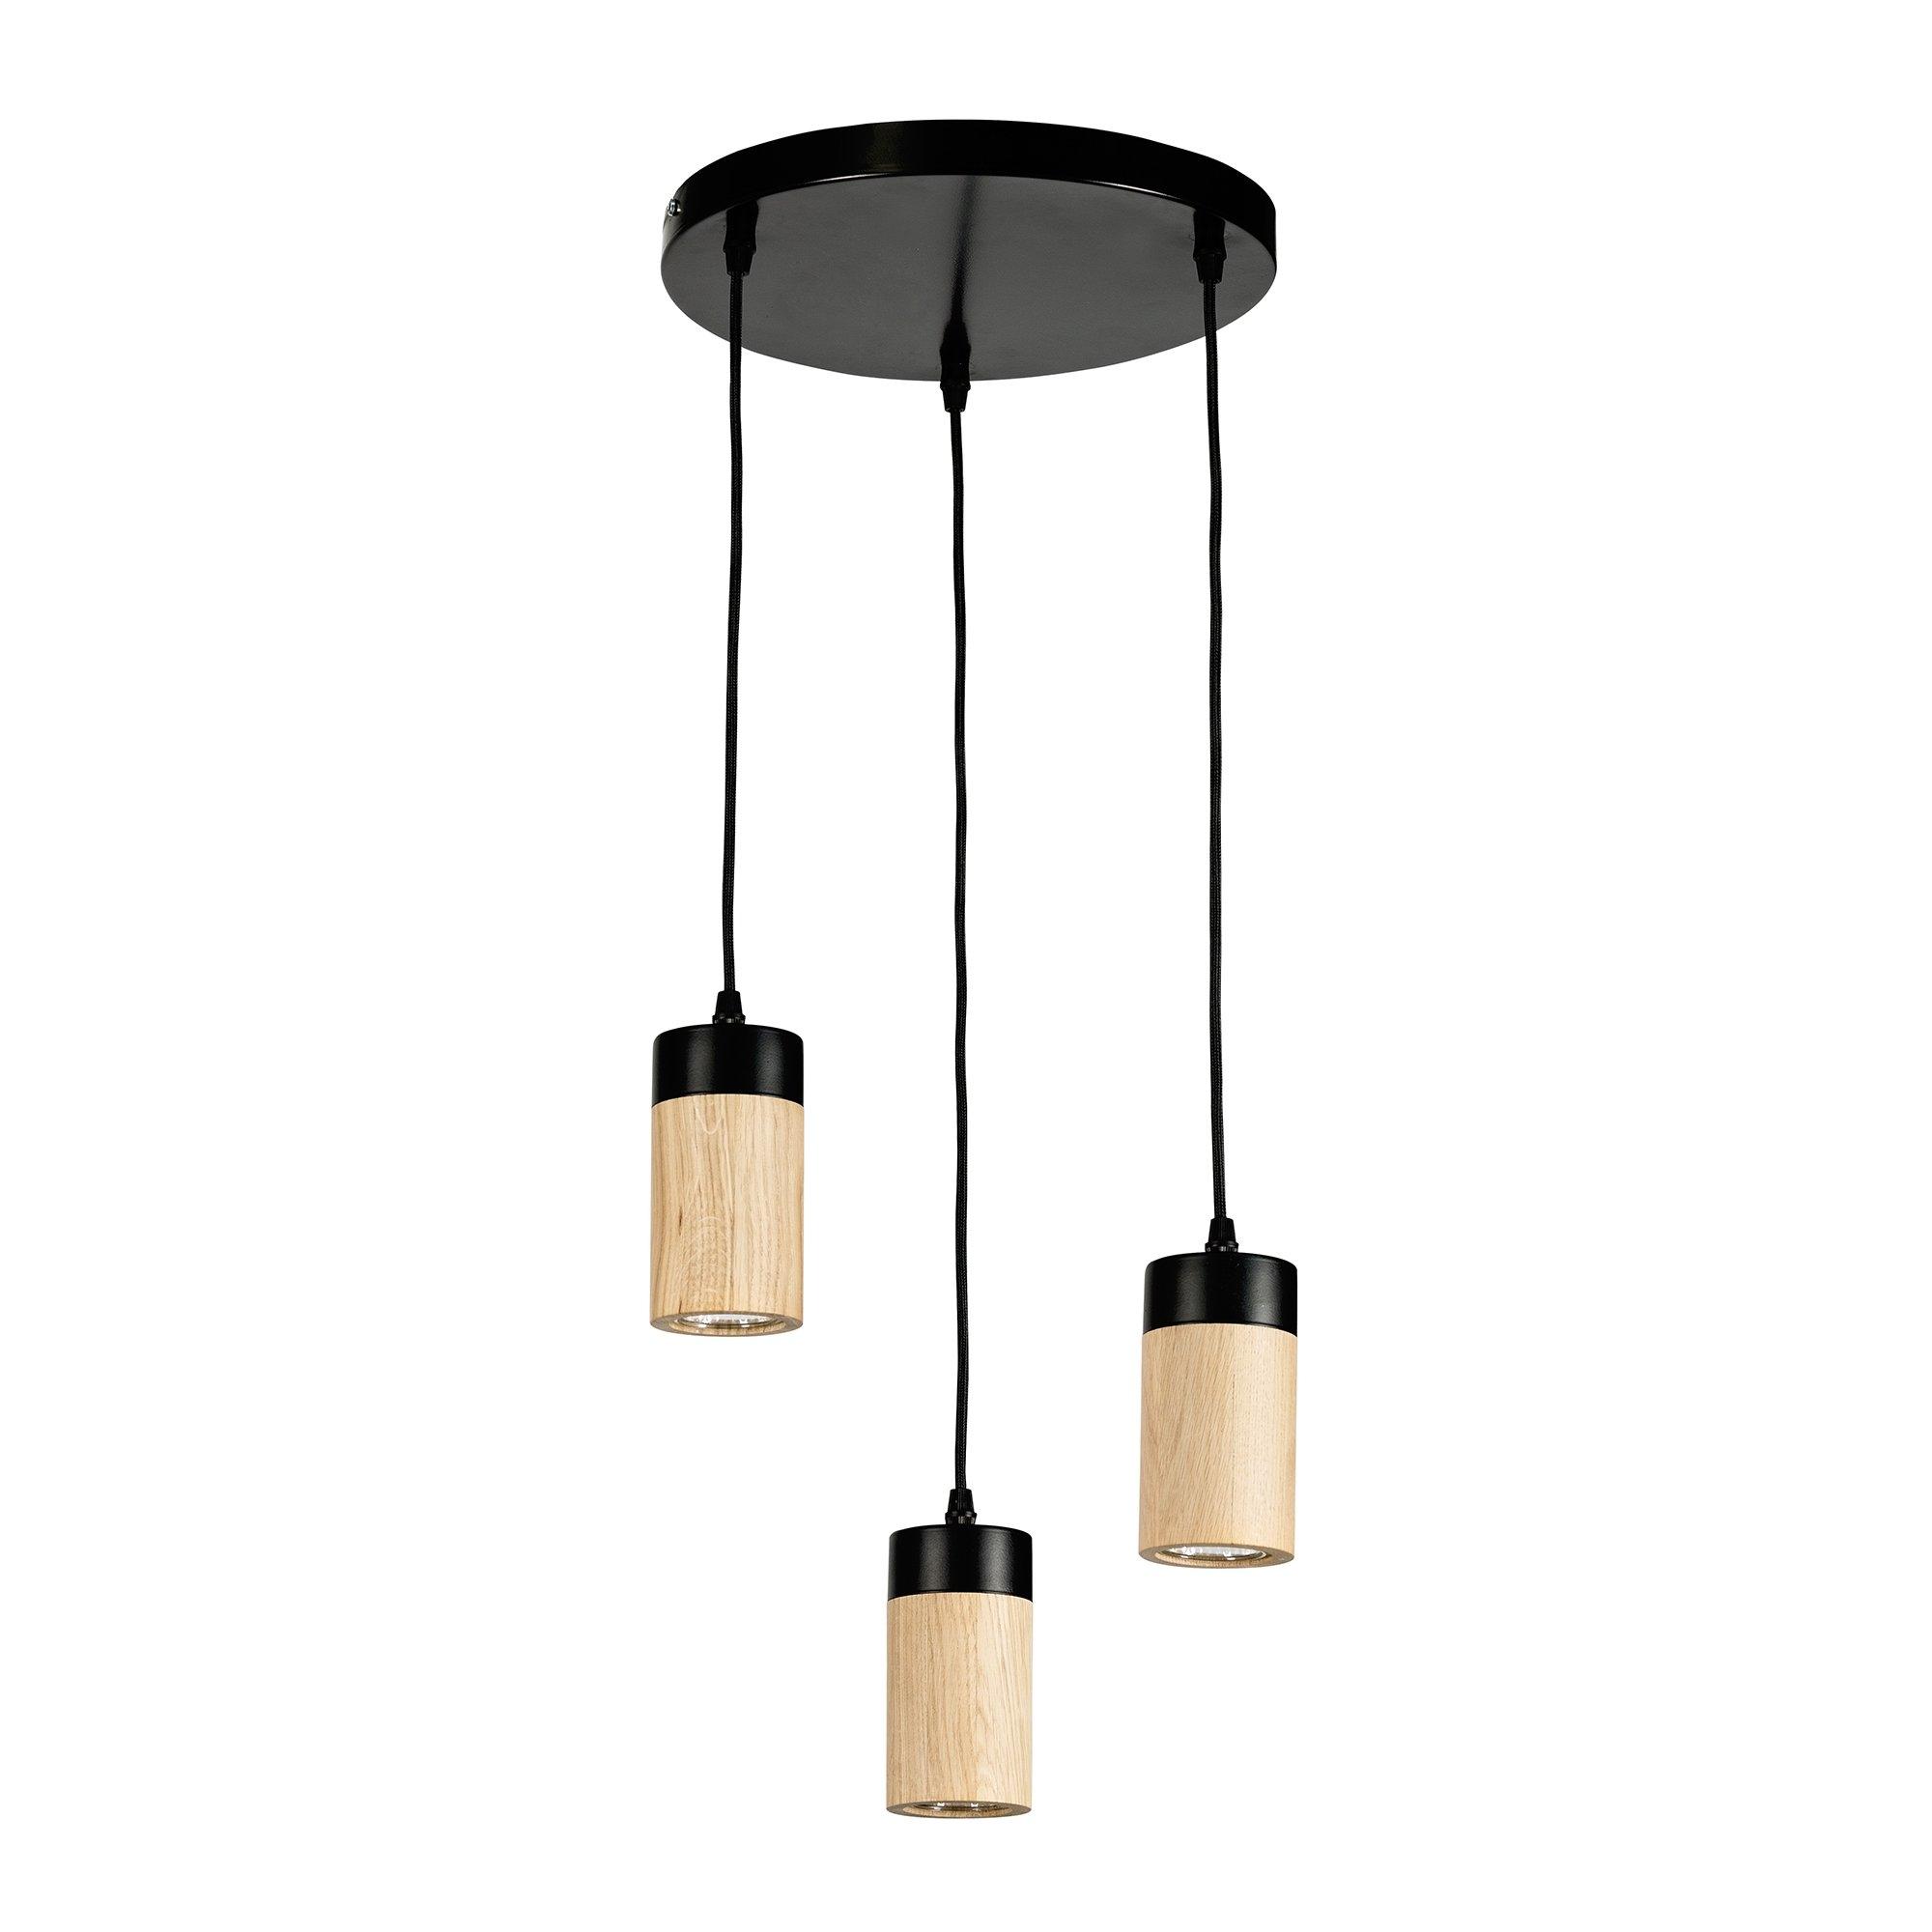 BRITOP LIGHTING hanglamp ANNICK Hanglamp, van chic eikenhout en metaal, met textielen kabel, ledverlichting inclusief, Made in Europe online kopen op otto.nl